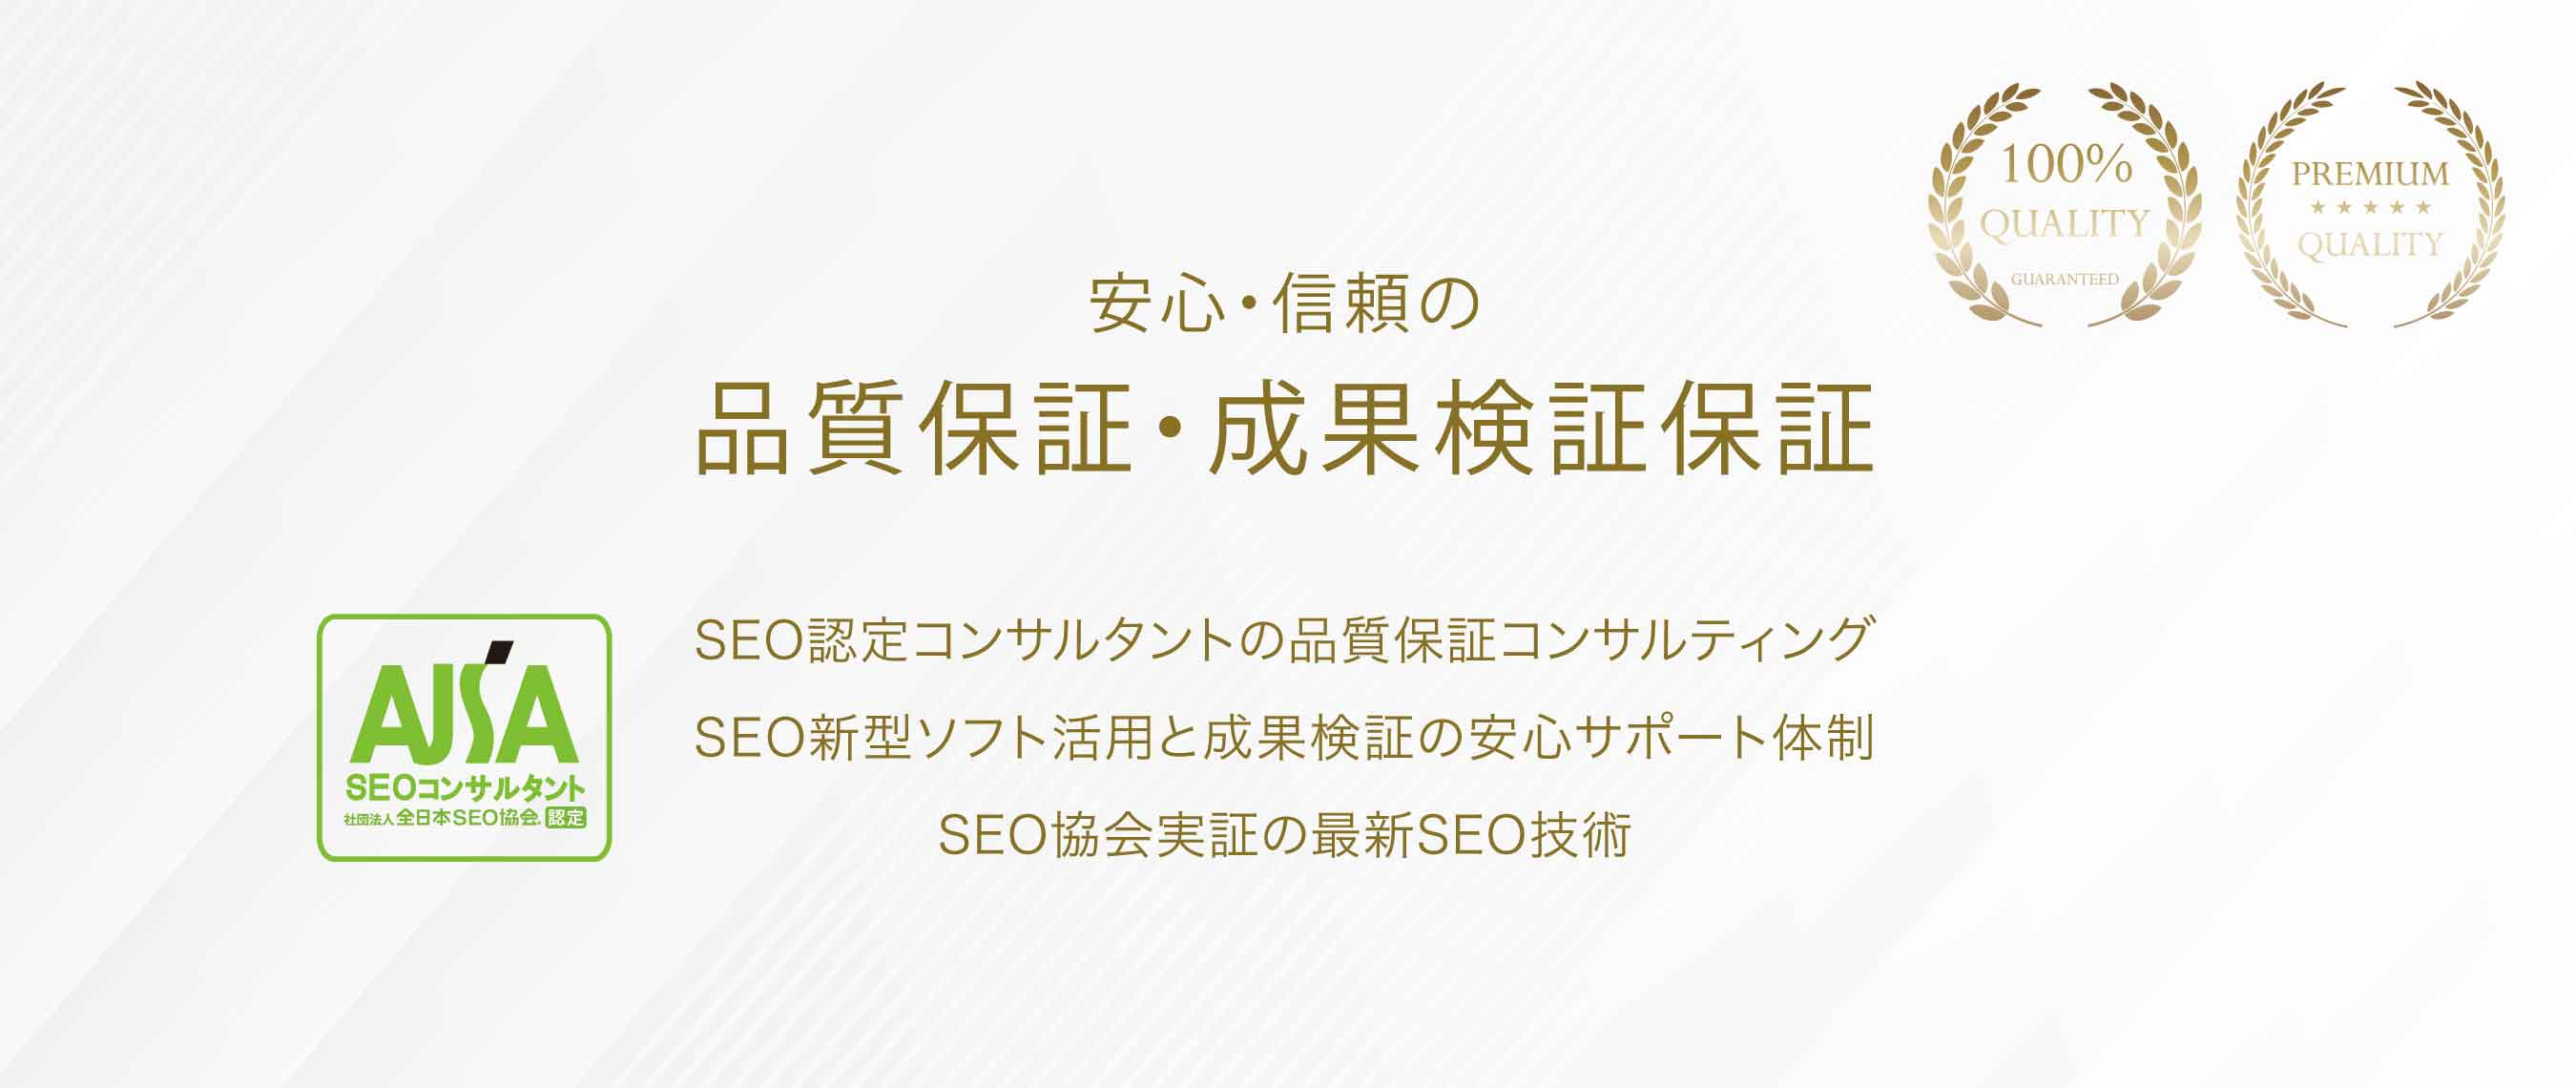 品質保証 認定SEOコンサルタント